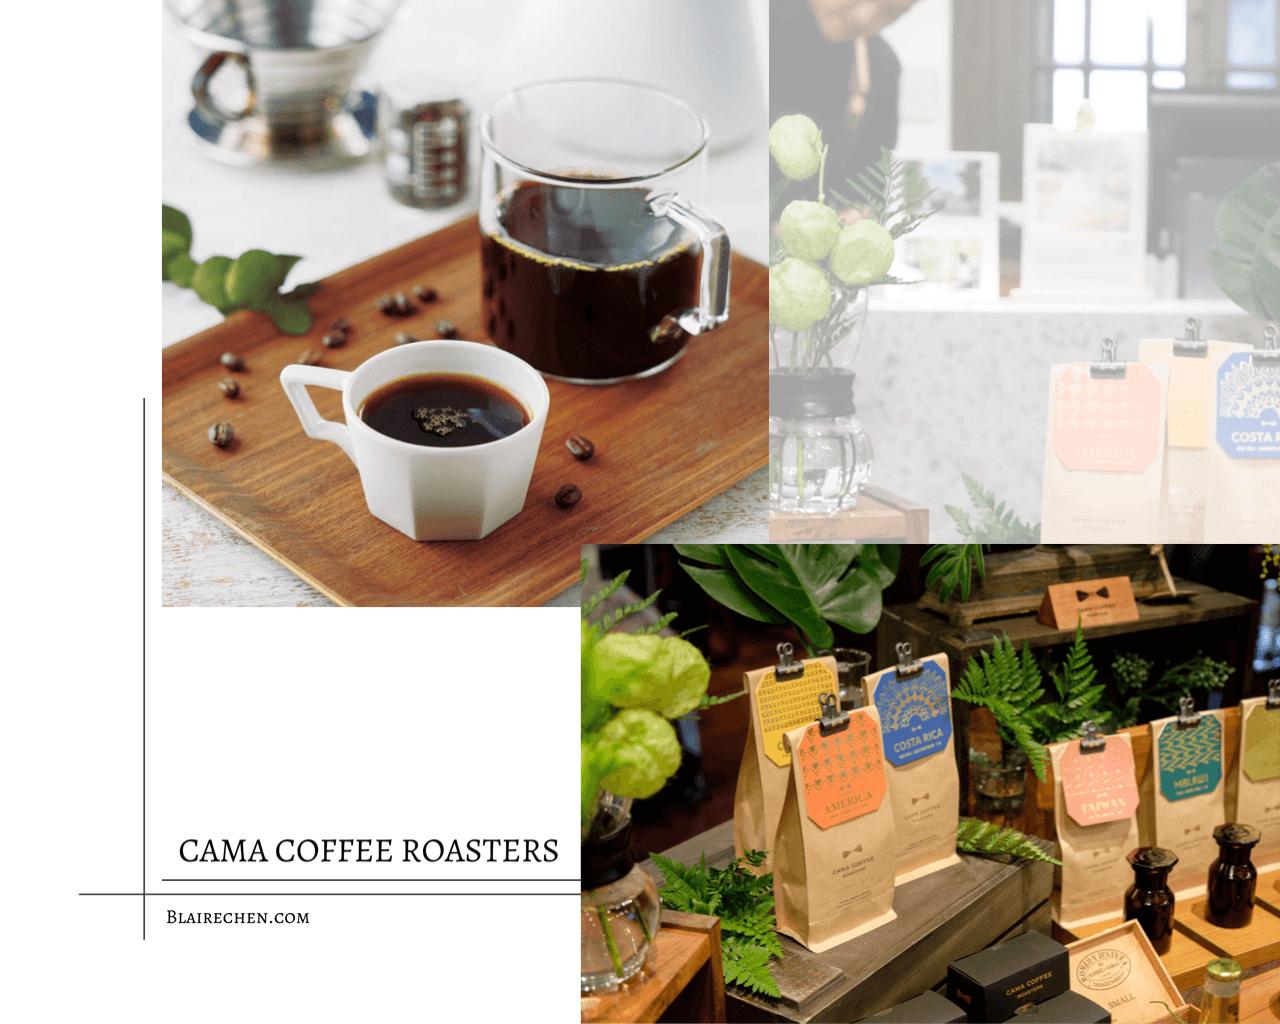 【台北陽明山秘境】|陽明山私藏的咖啡廳,約會的口袋名單,享受愜意午後~都好想去!